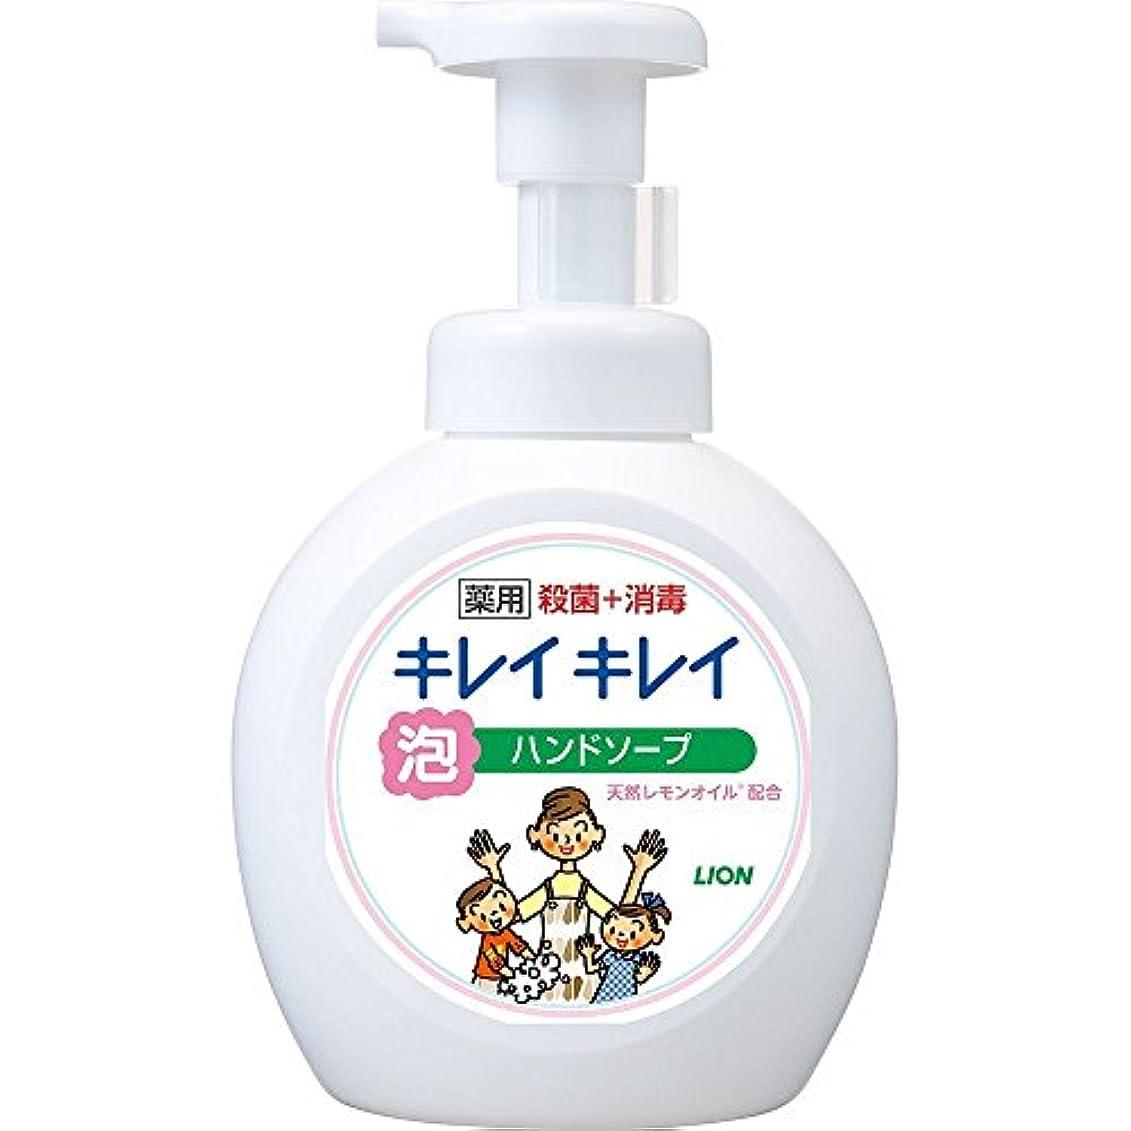 クレア内陸パンダキレイキレイ 薬用 泡ハンドソープ シトラスフルーティの香り 本体ポンプ 大型サイズ 500ml(医薬部外品)